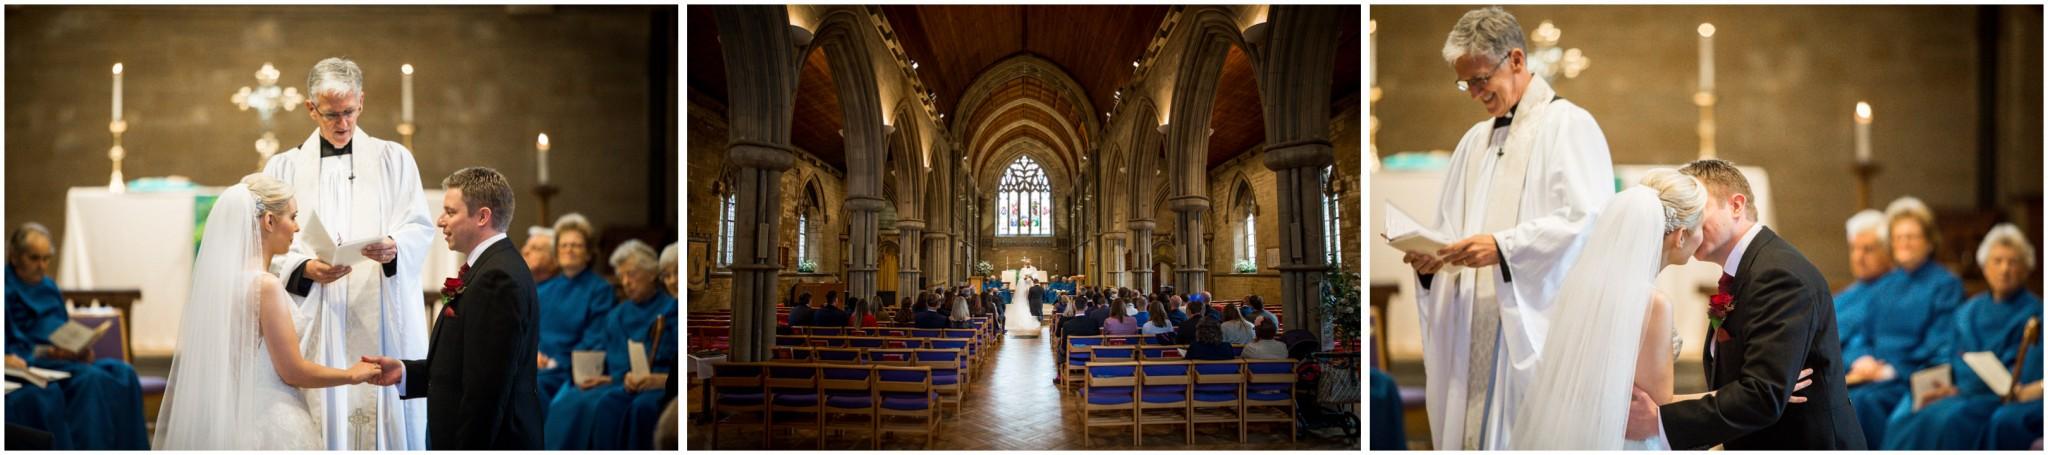 St Saviours Church Brockenhurst Wedding Exchanging vows